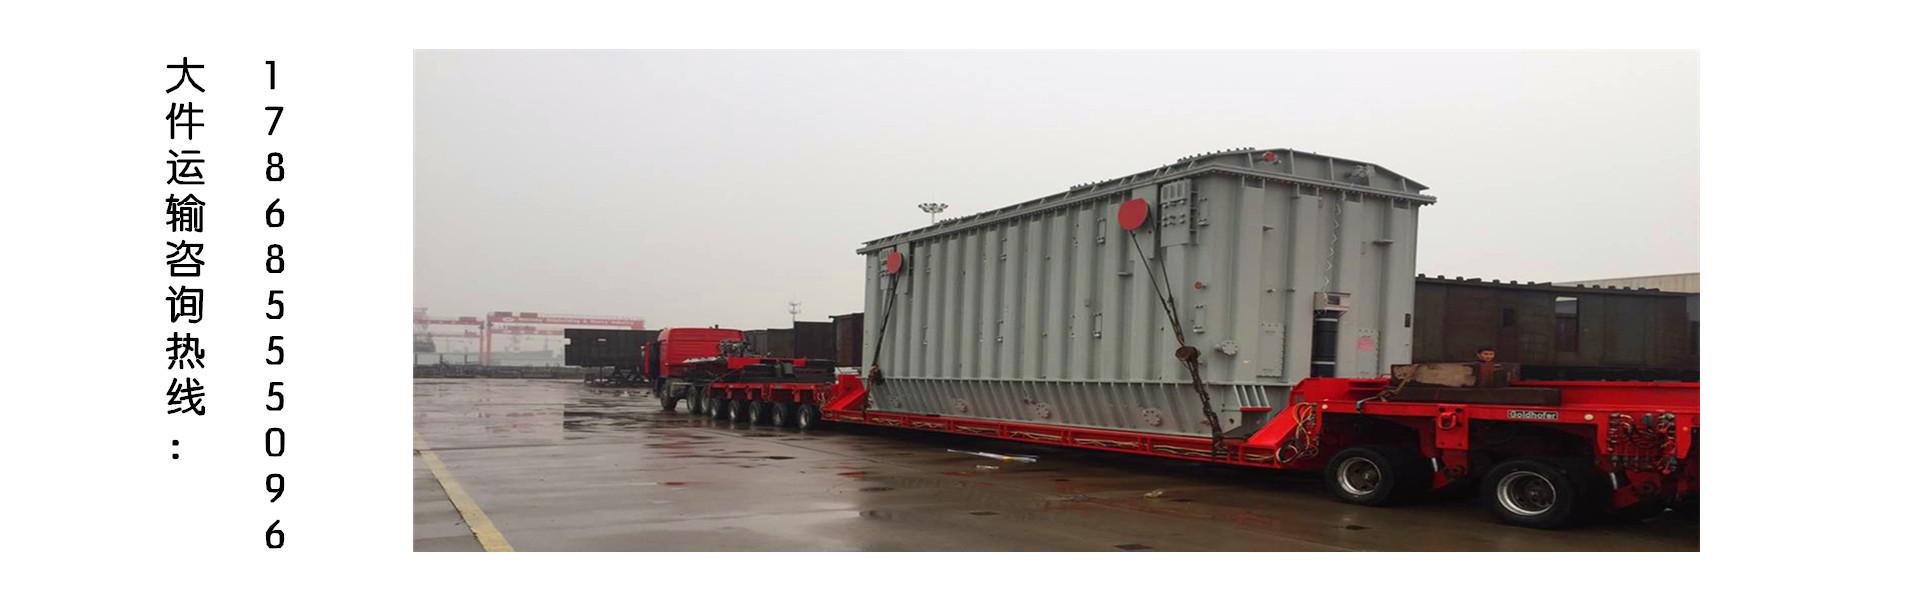 大件运输-大件设备运输选择坤升物流